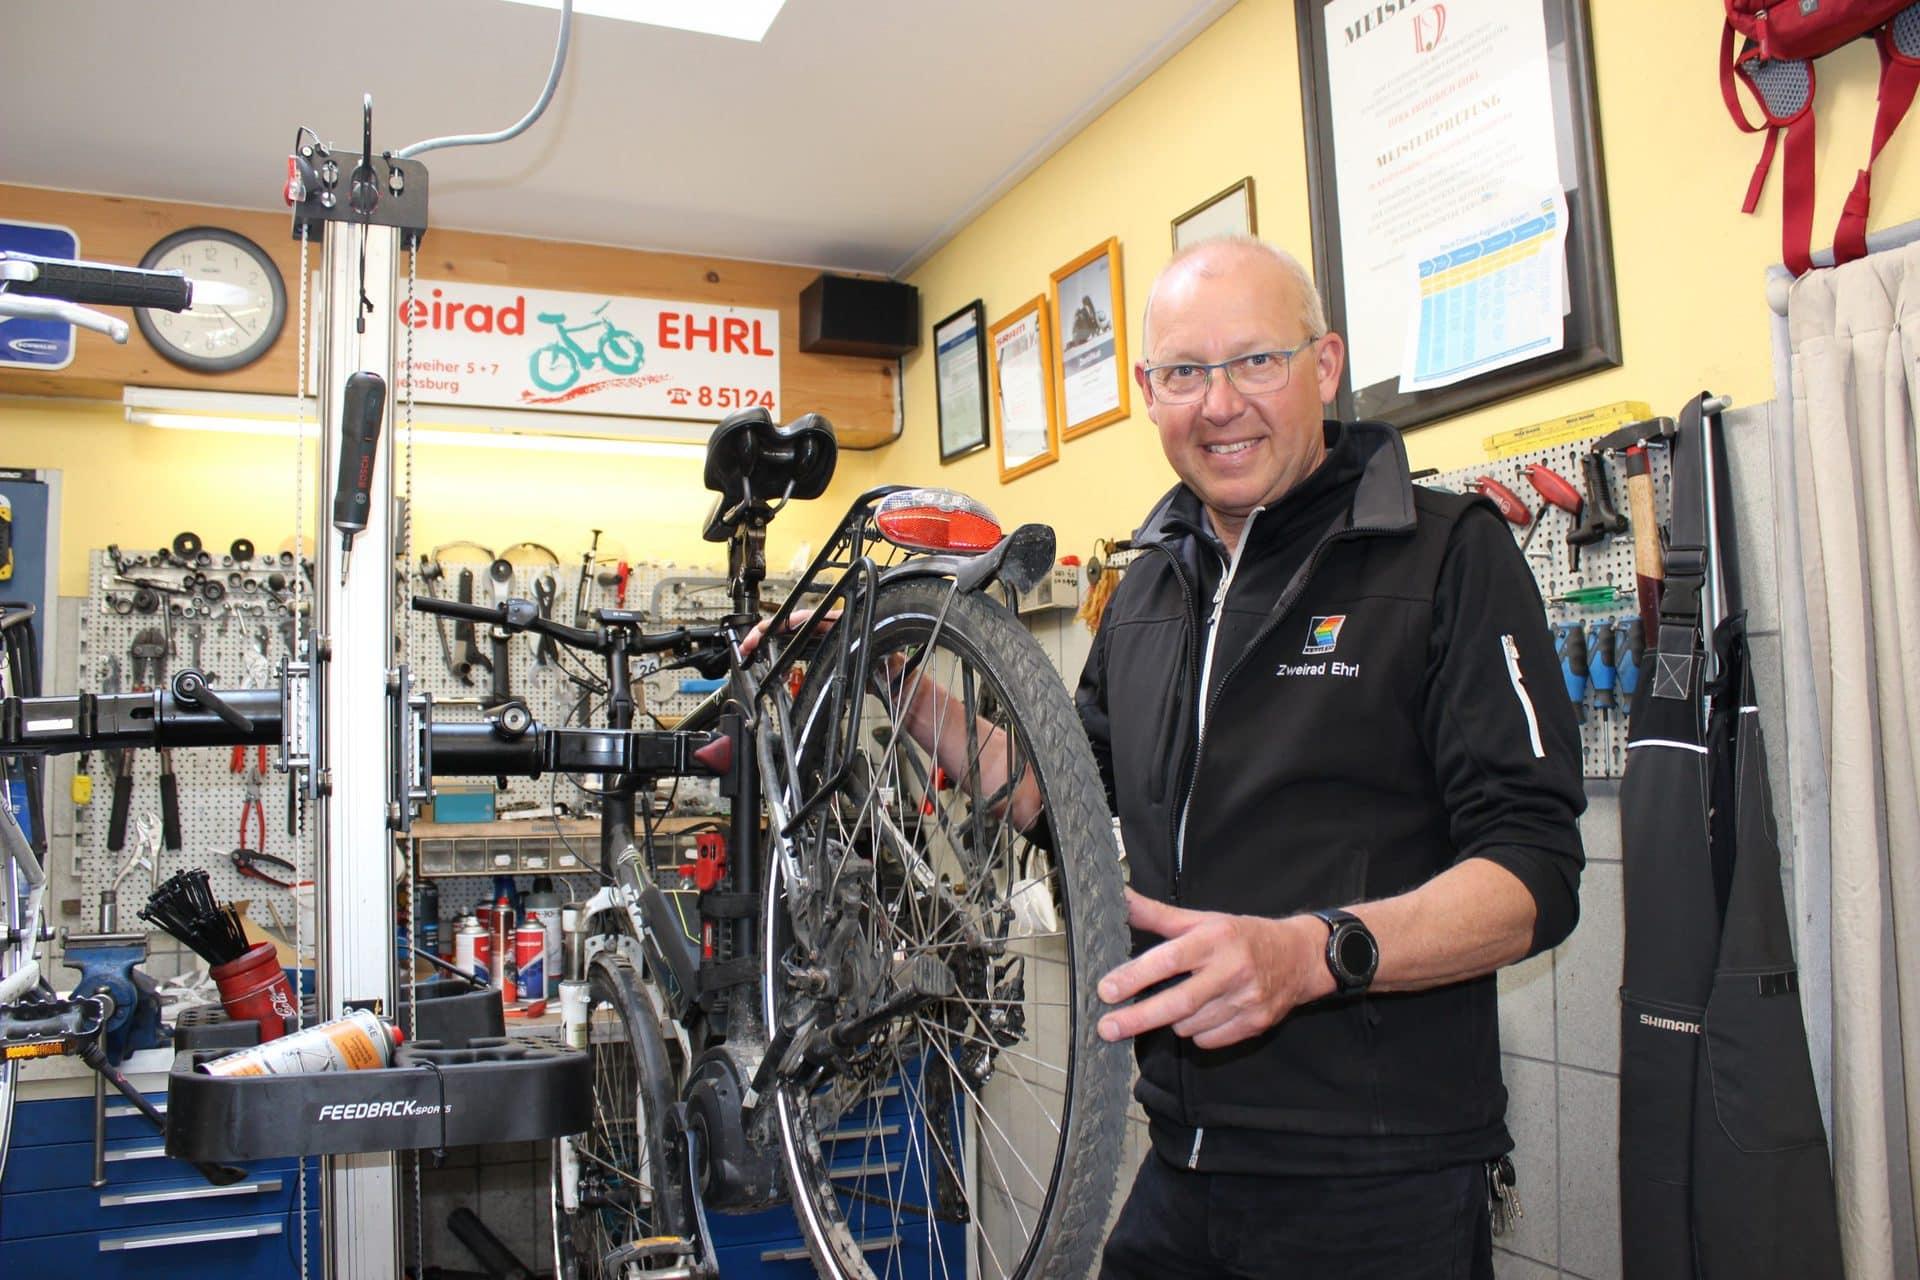 Gewinne einen Frühlingscheck für Dein Fahrrad Blizz verlost drei Mal den großen Fahrrad-Rundumcheck bei Zweirad Ehrl im Wert von je 44,90 Euro